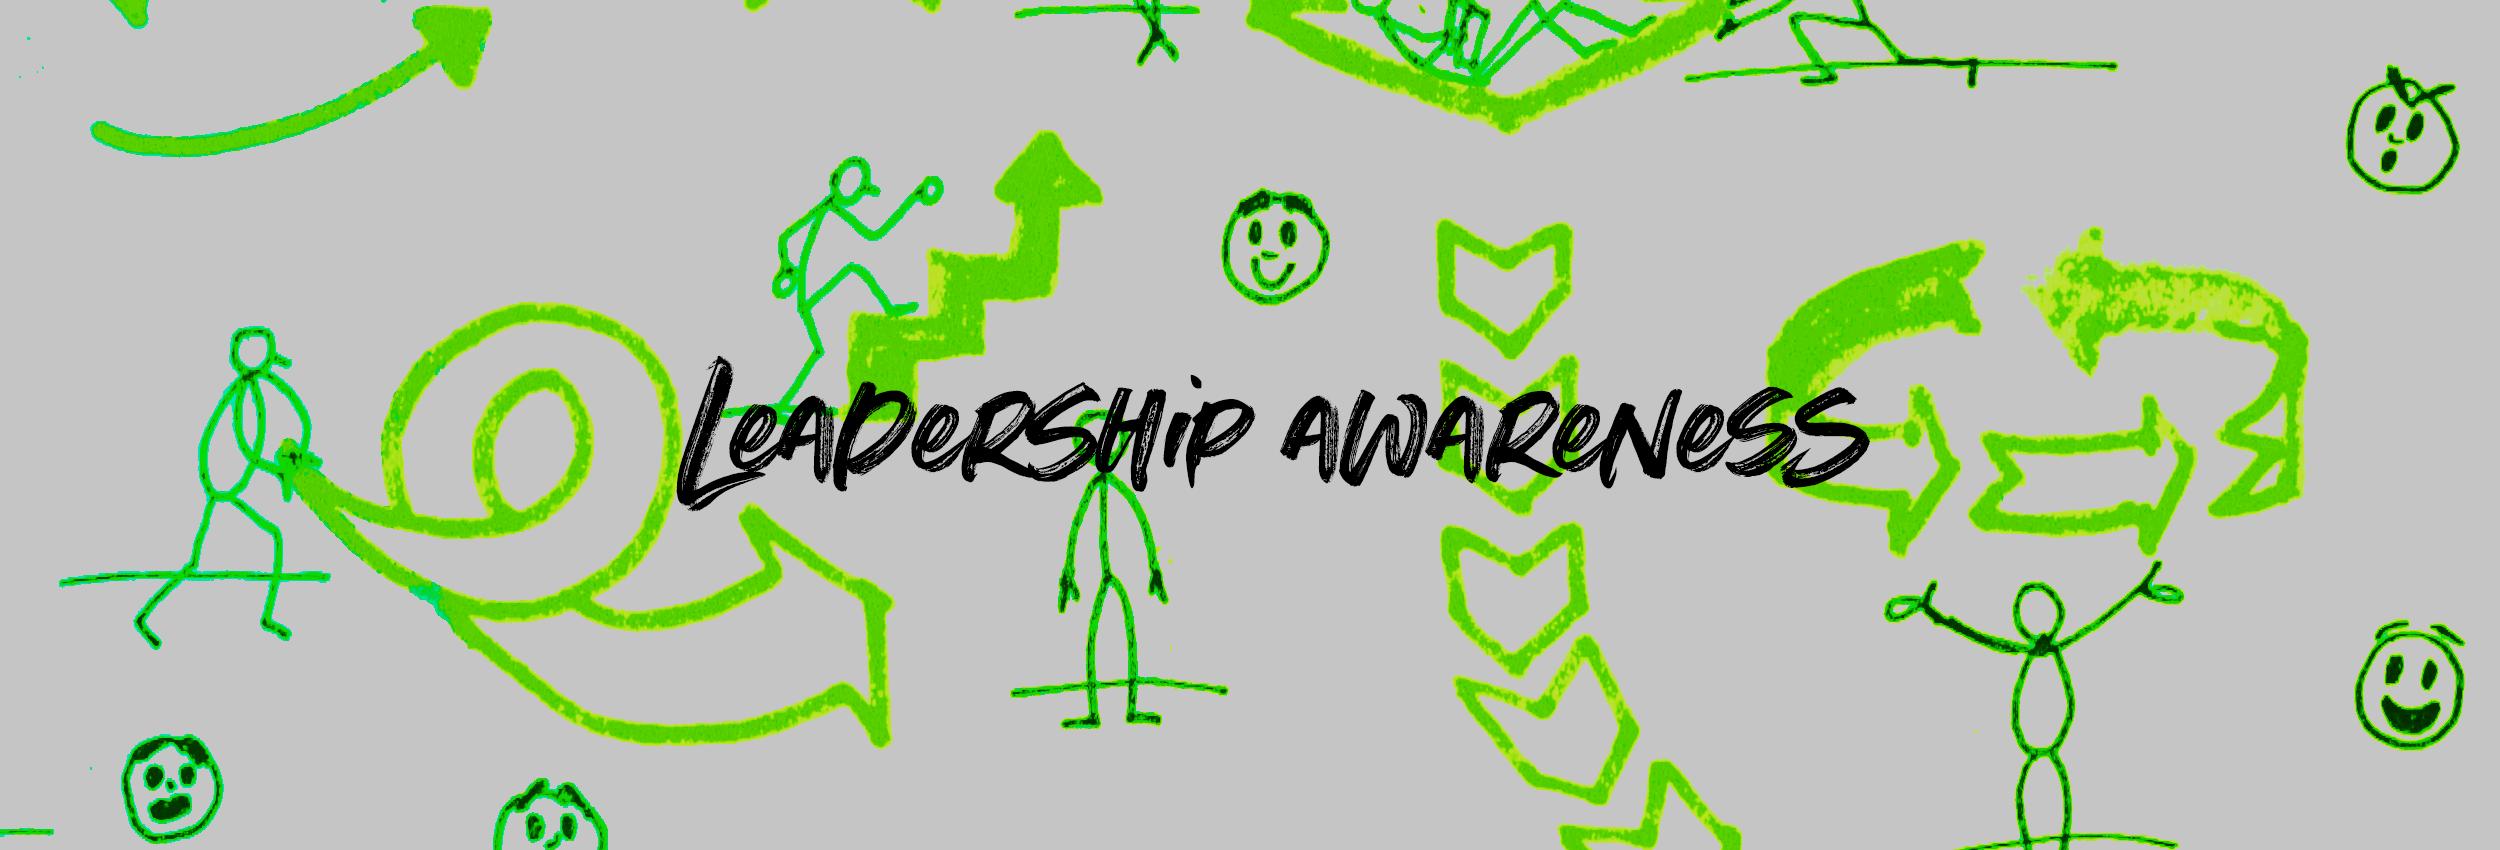 Leadership awareness